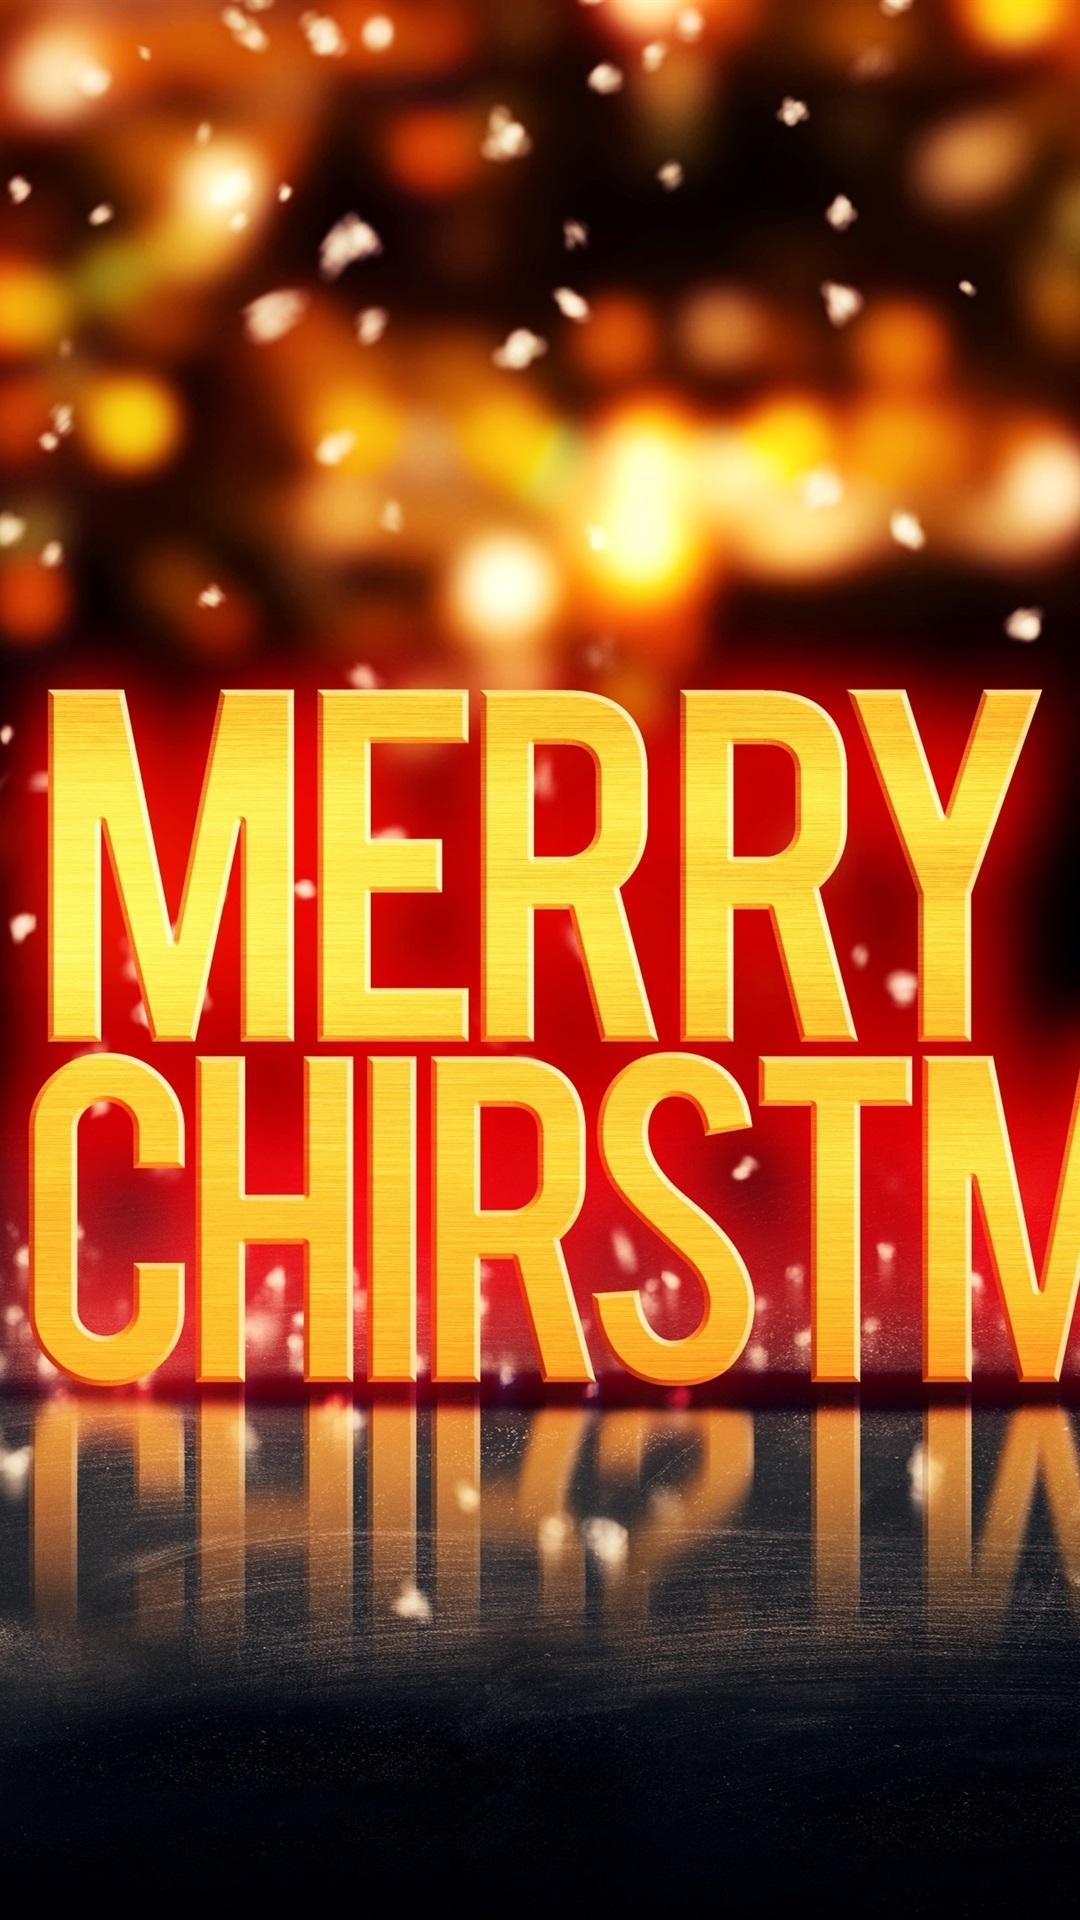 Frohe Weihnachten Und Happy New Year.Frohe Weihnachten Happy New Year Bälle Blendung Hintergrund